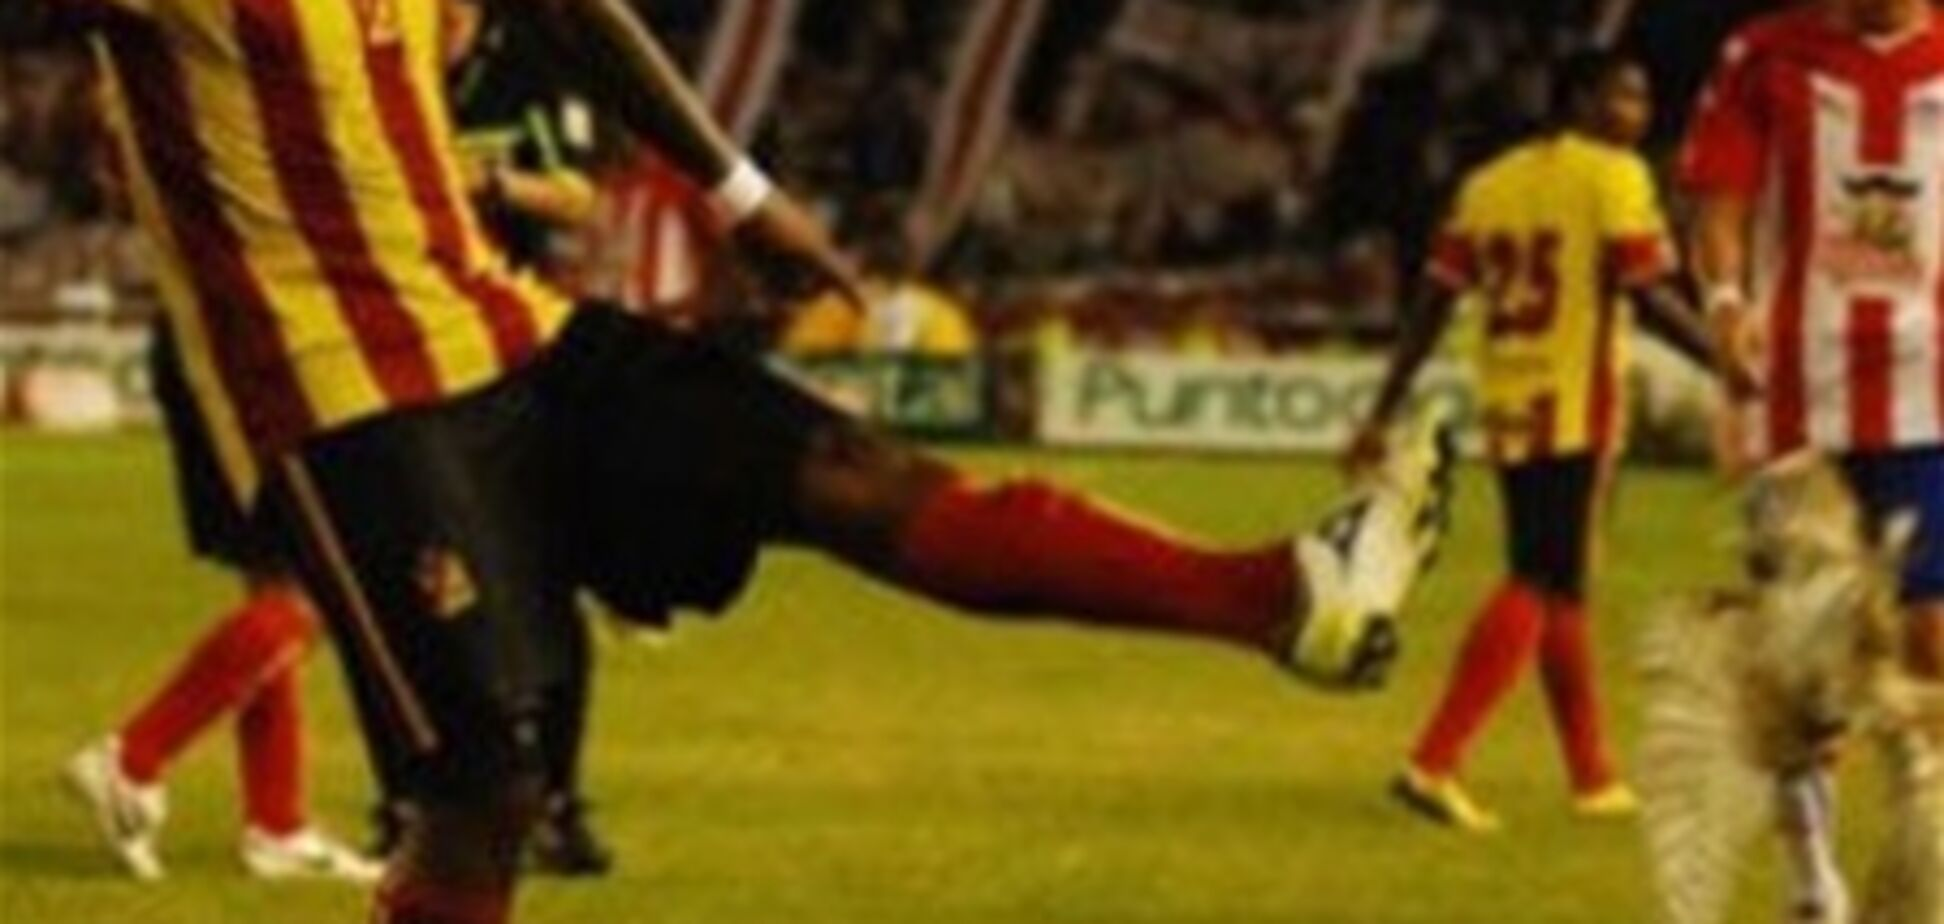 Сове, убитой панамским футболистом, воздвигли памятник